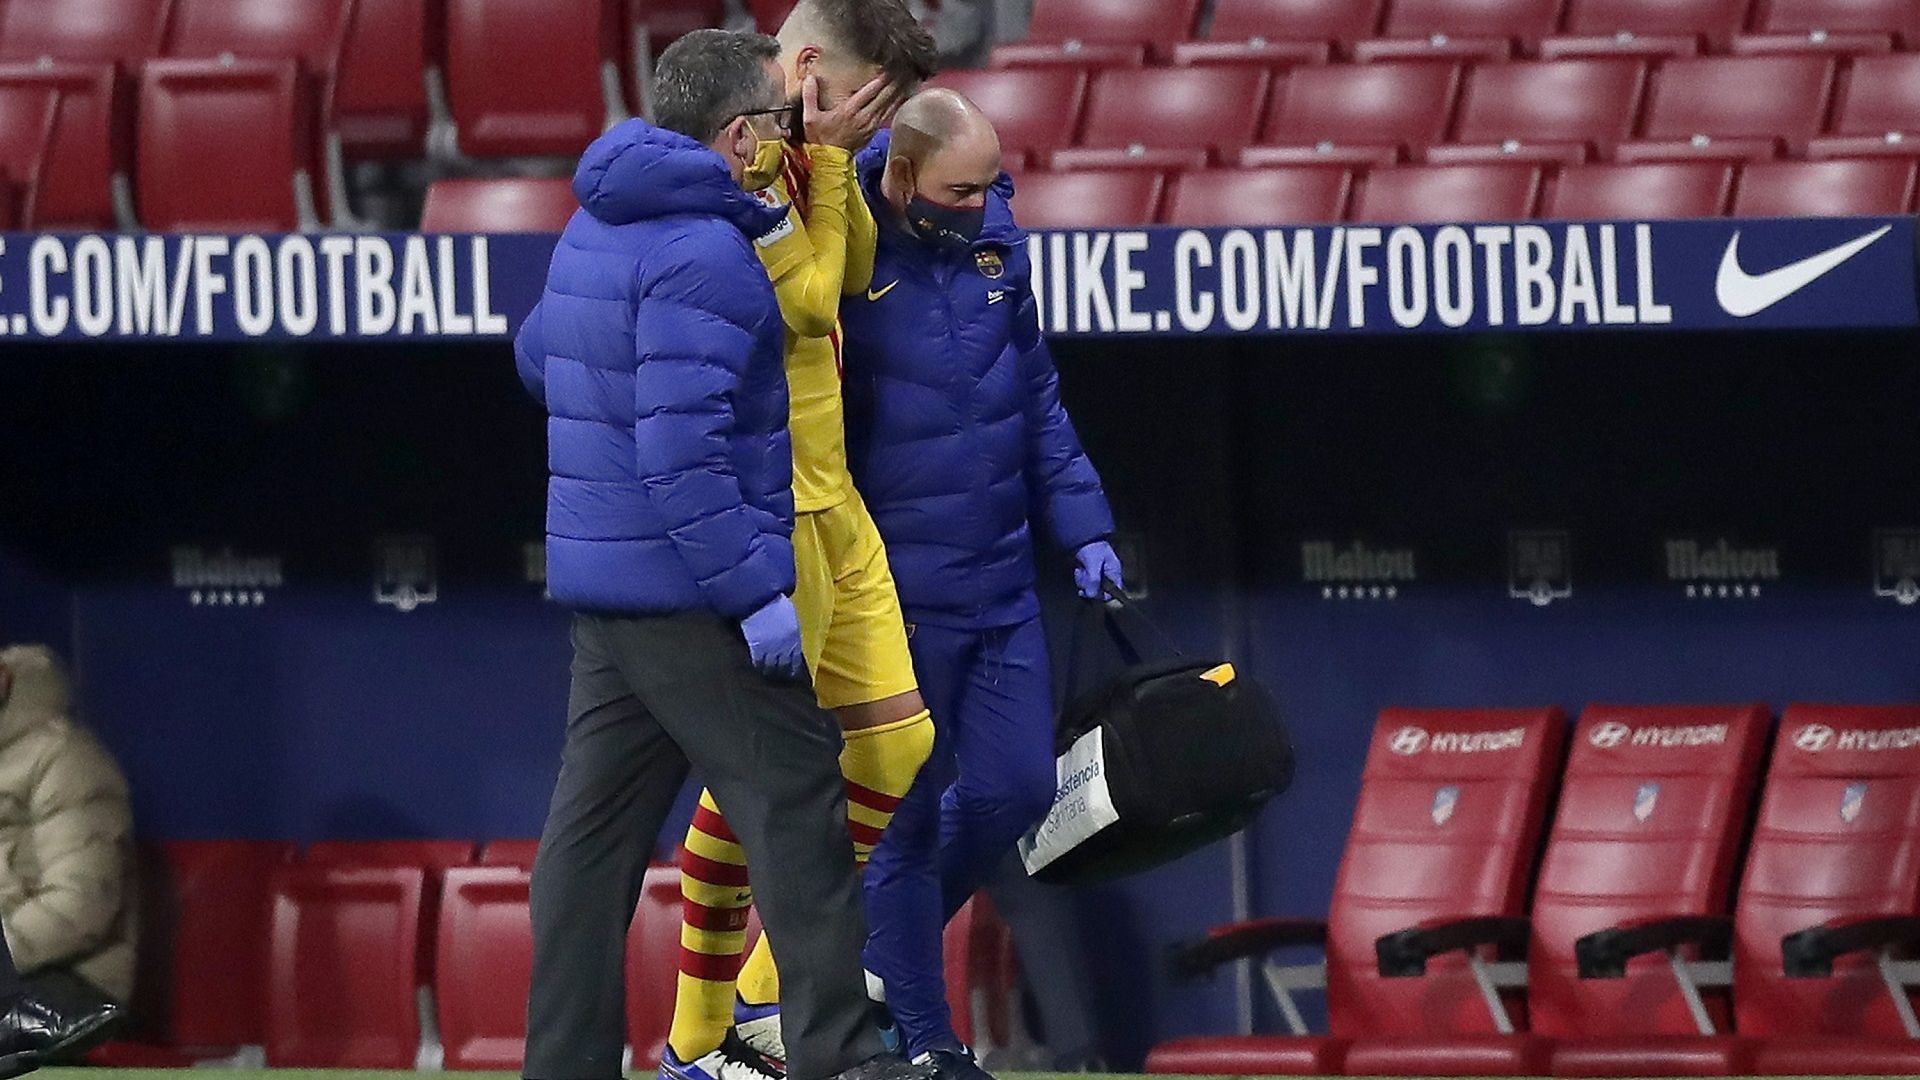 Пореден тежък удар за Барса - травма в коляното вади Пике за няколко месеца от терена